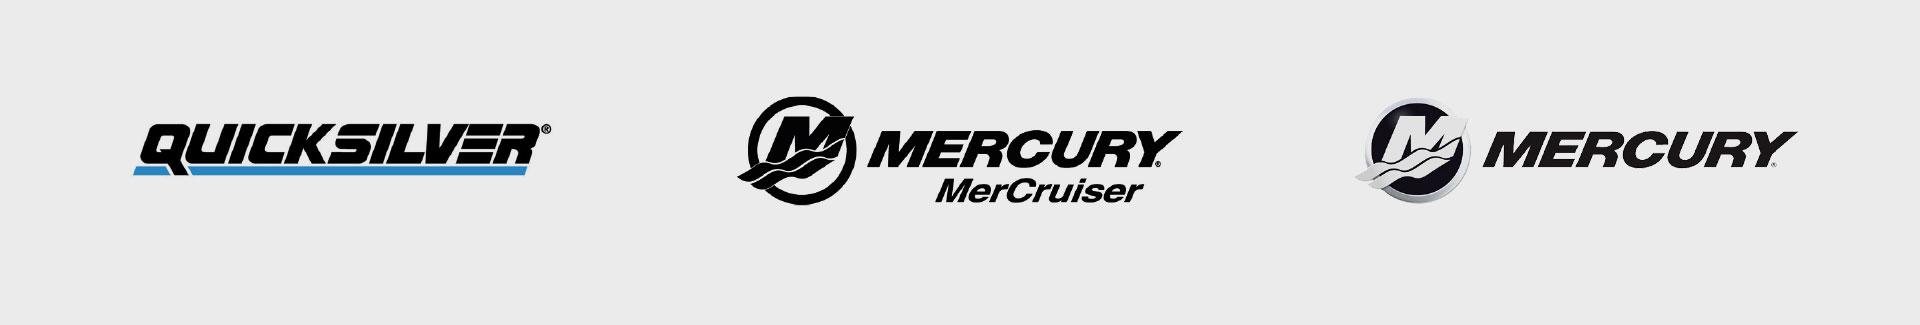 Ogromnie Serwis silników Mercury - Sklep żeglarski Adventure Inowrocław IU44